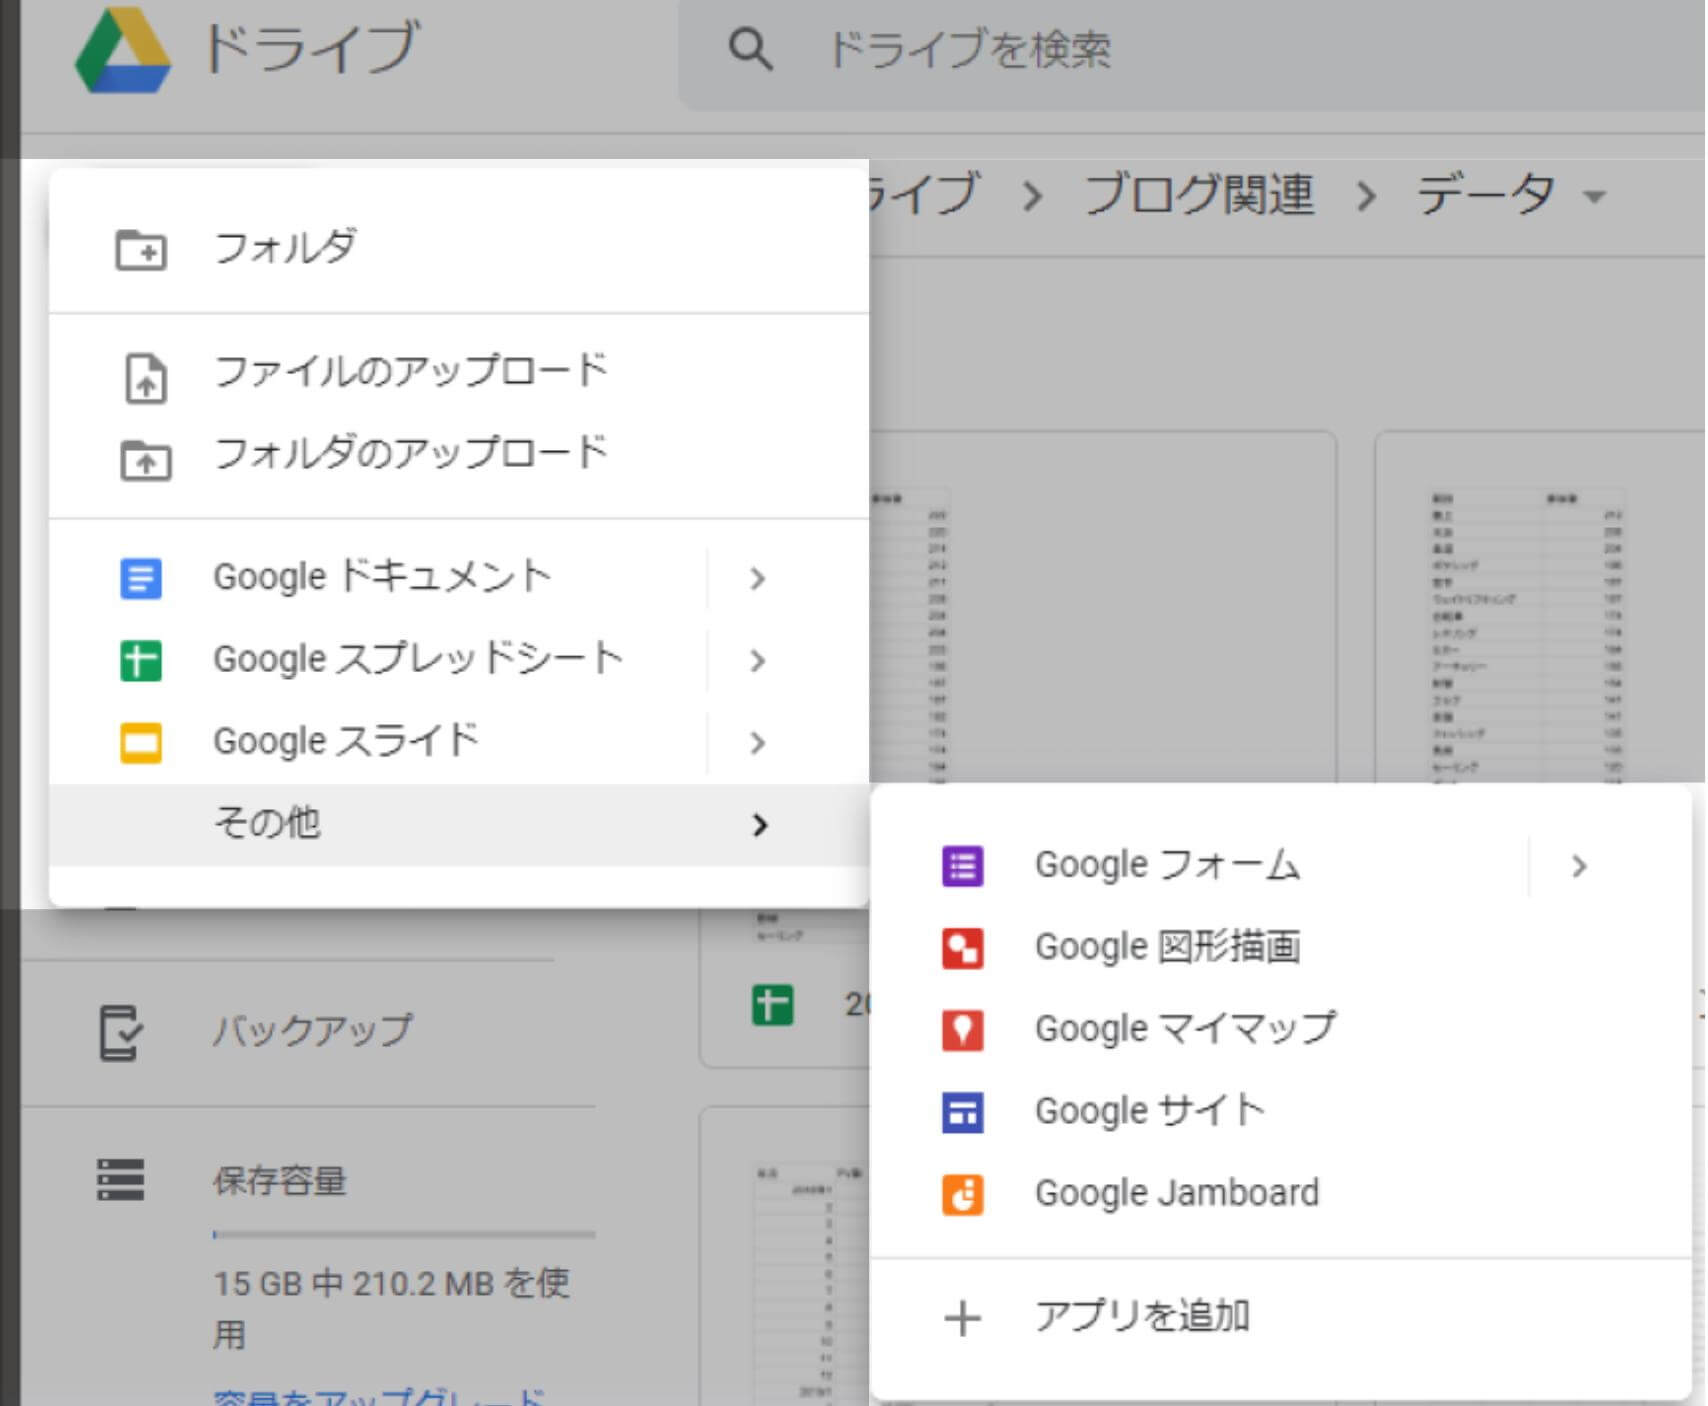 Googleドライブのアプリケーション一覧